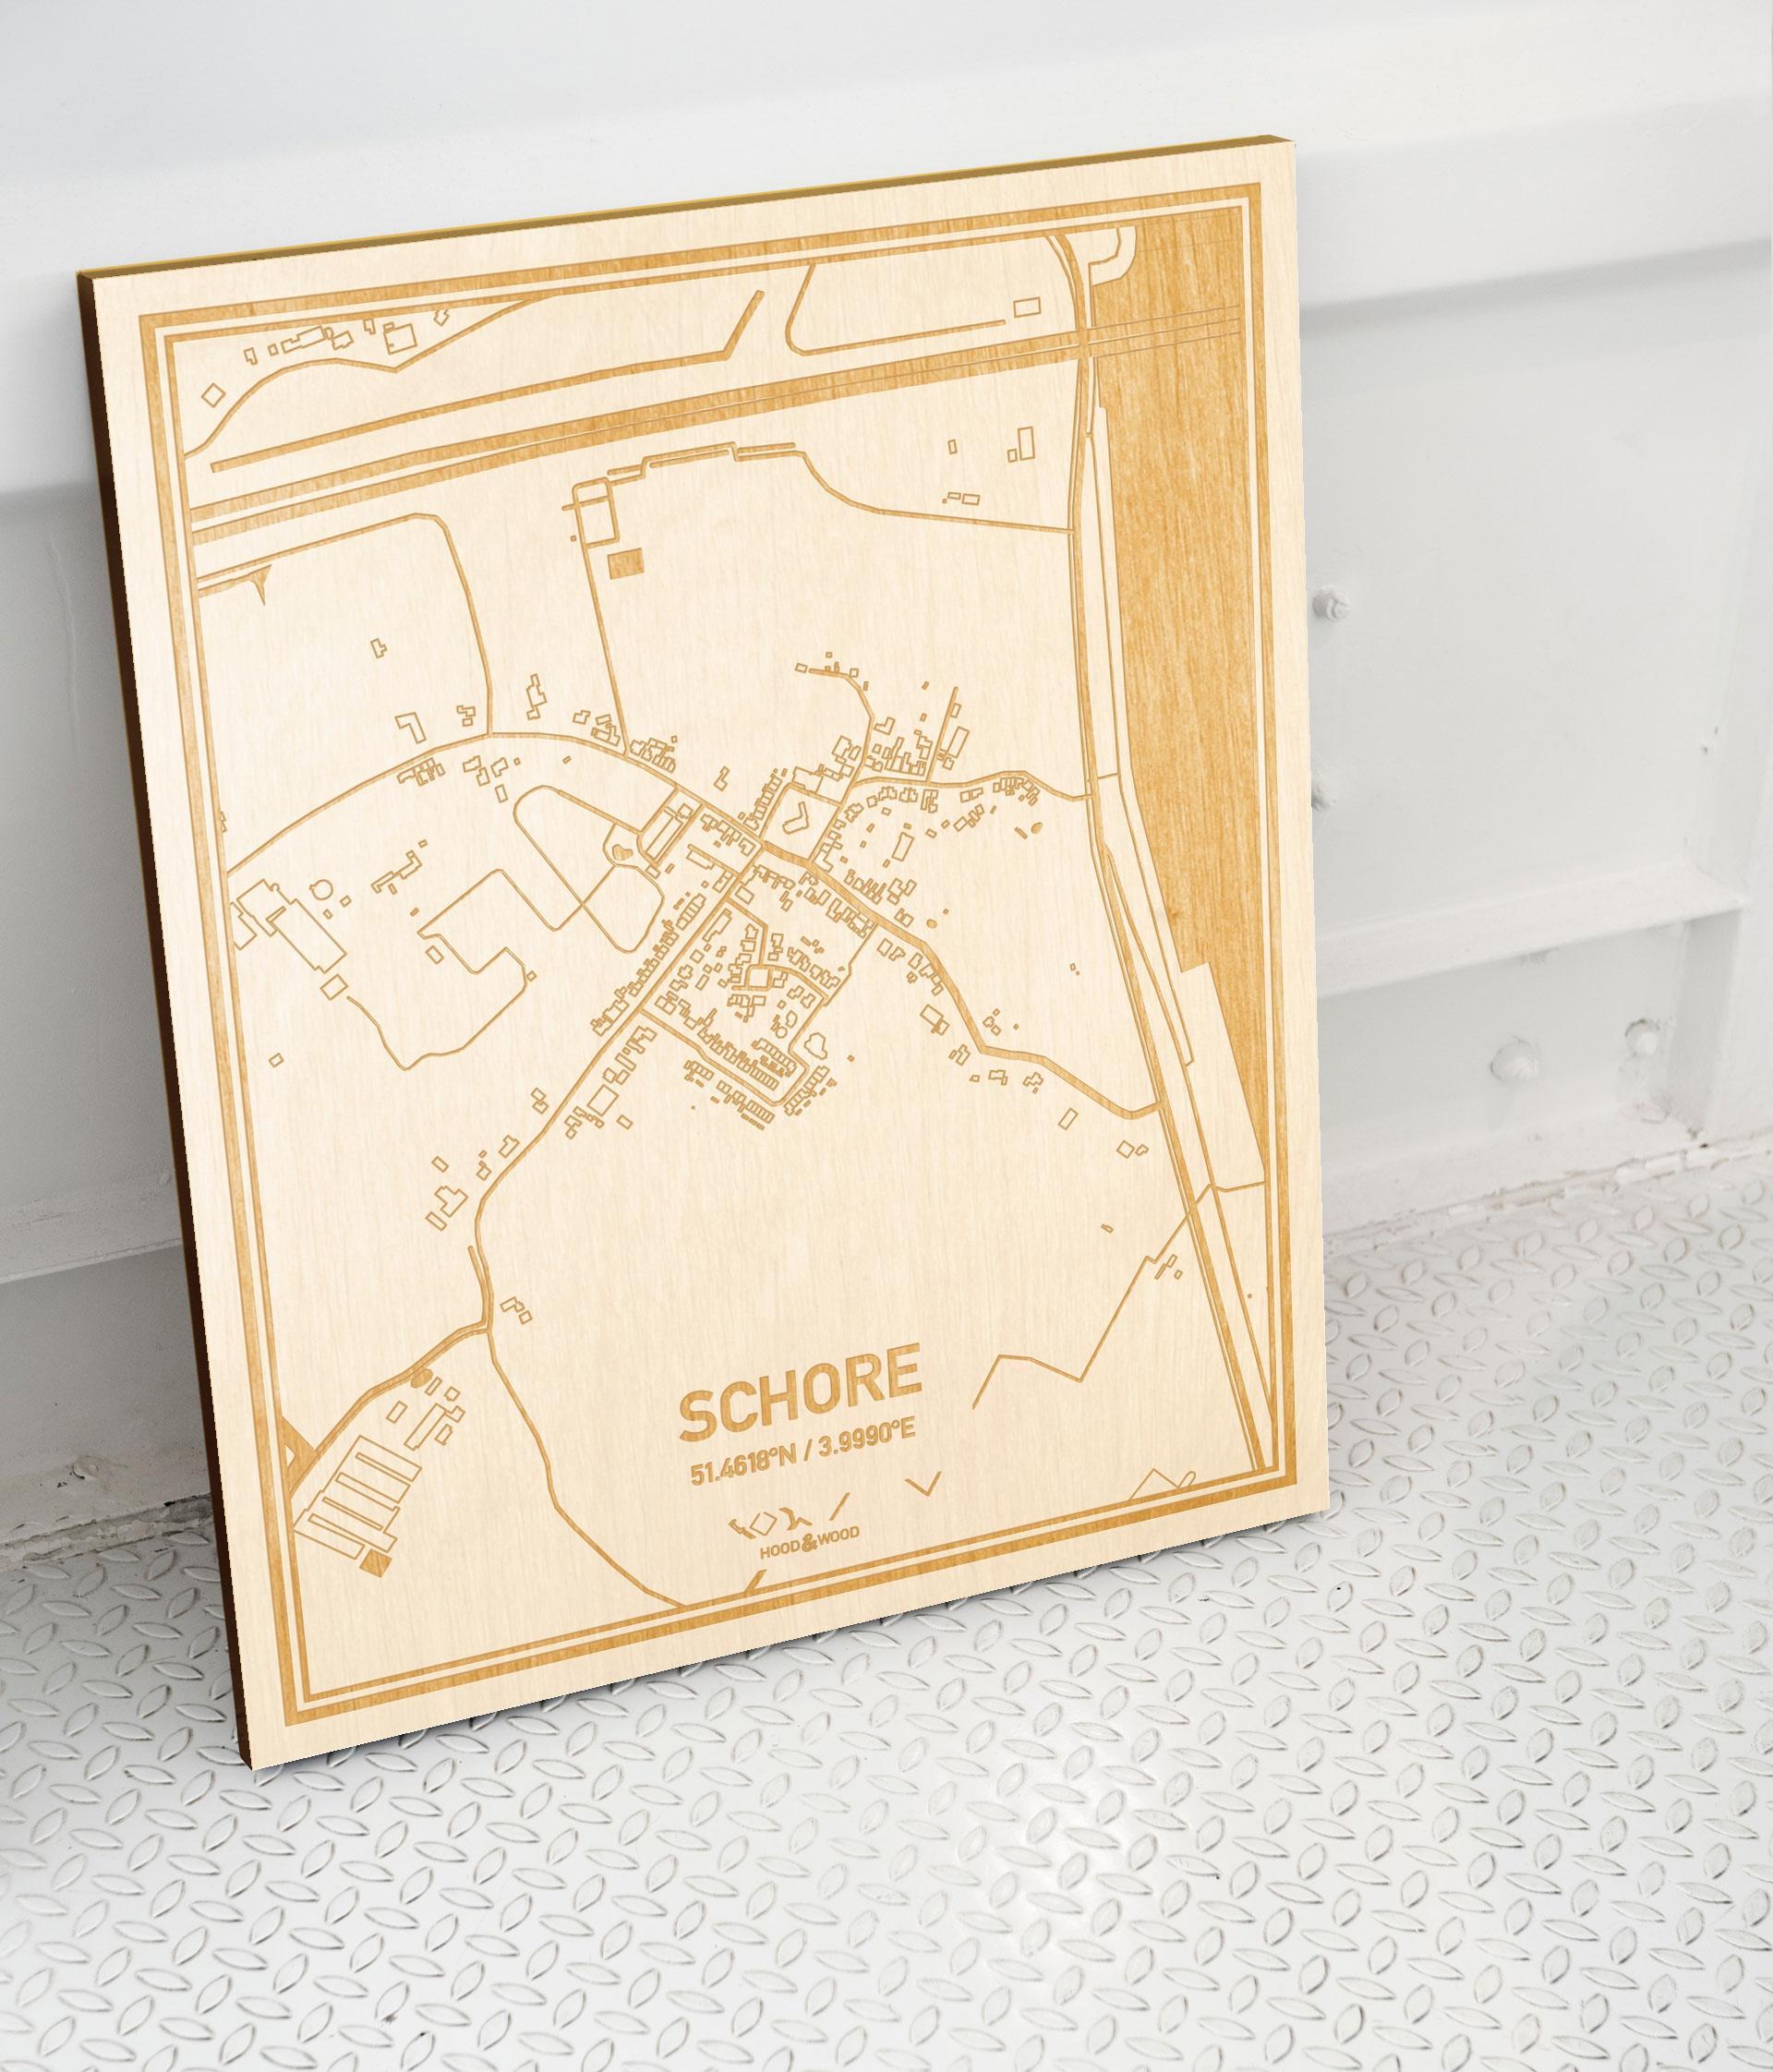 Plattegrond Schore als prachtige houten wanddecoratie. Het warme hout contrasteert mooi met de witte muur.